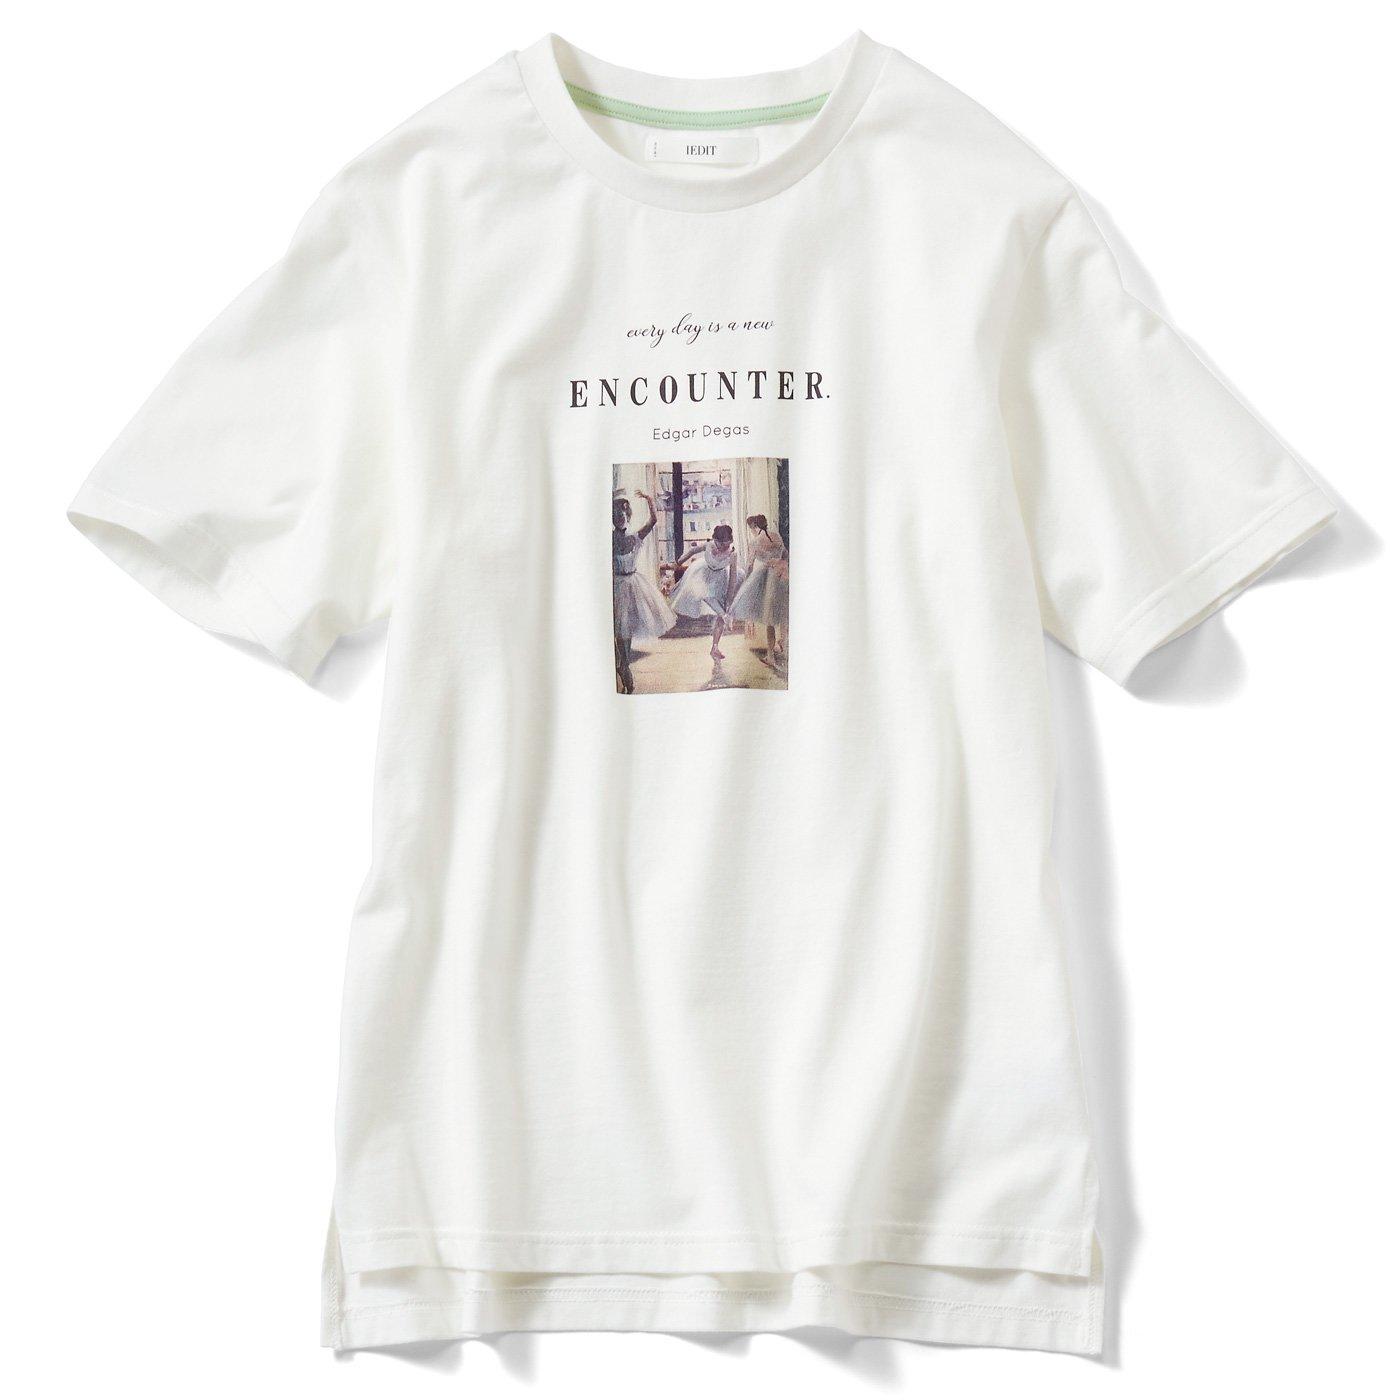 IEDIT[イディット] 印象派アートグラフィックTシャツの会